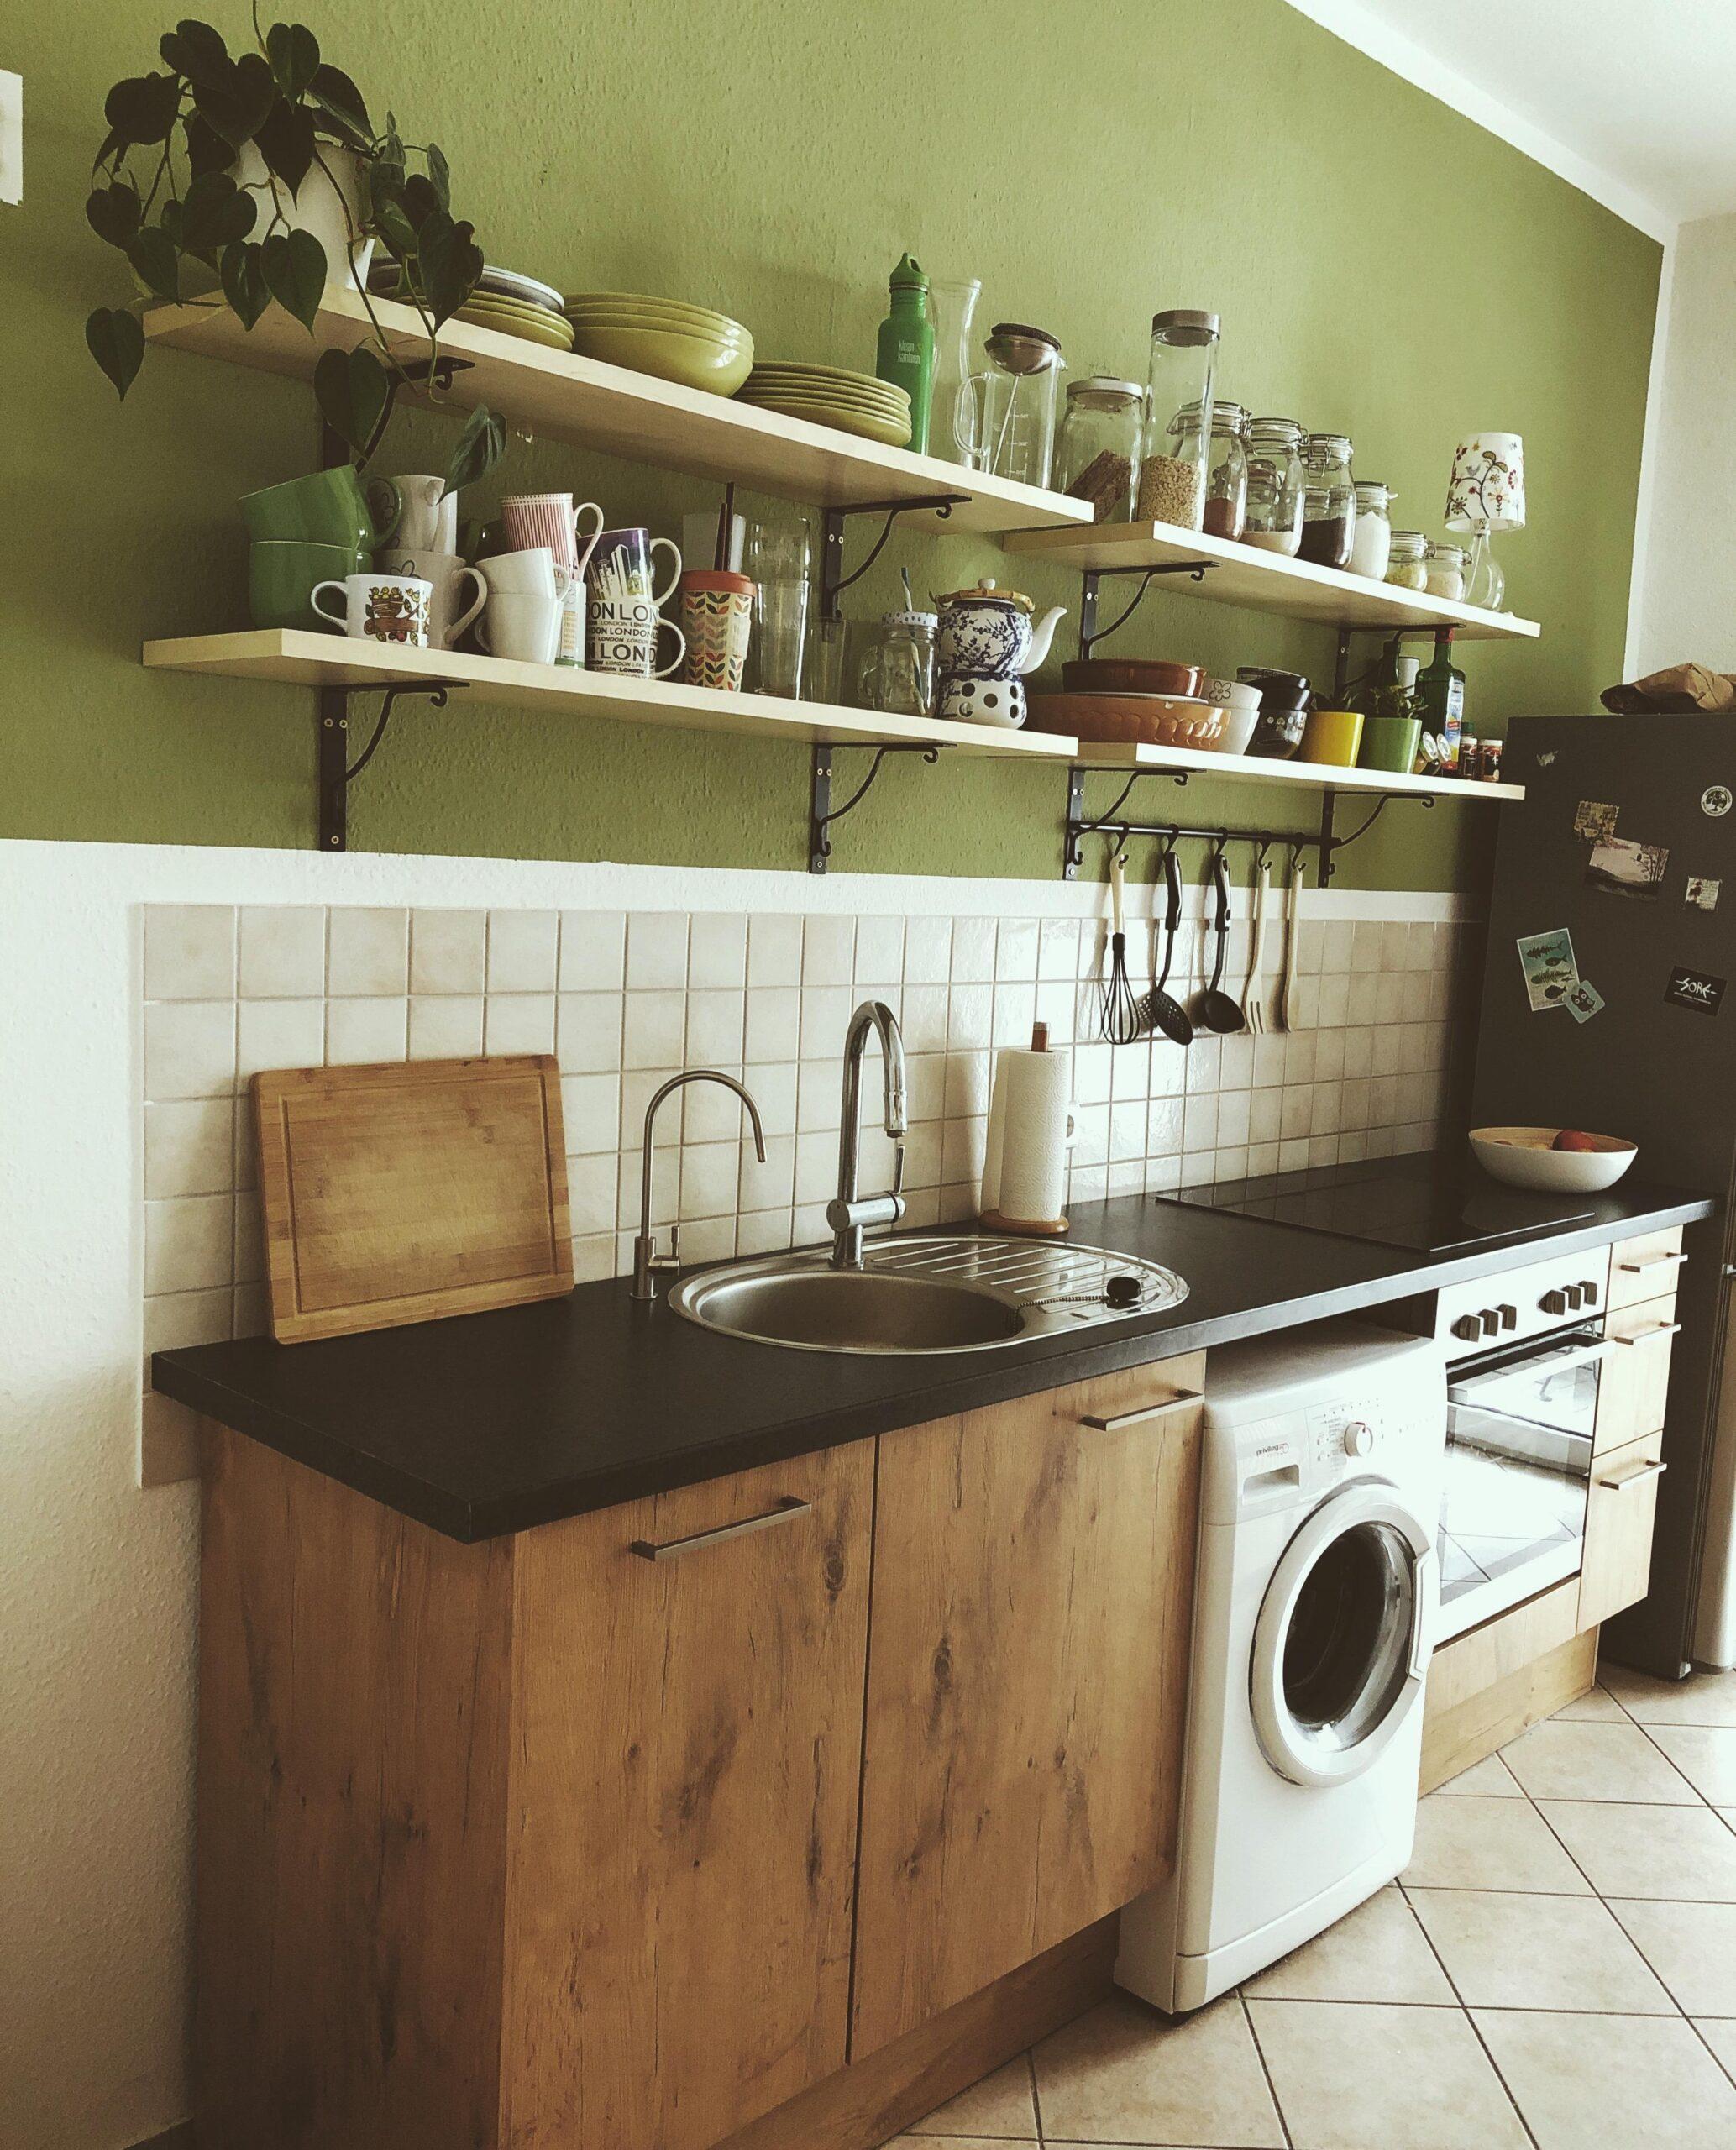 Full Size of Wandfarbe Küche Farbe In Der Kche So Wirds Wohnlich Finanzieren U Form Nolte Winkel Edelstahlküche Gebraucht Wasserhahn Industrie Aufbewahrungsbehälter Ebay Wohnzimmer Wandfarbe Küche